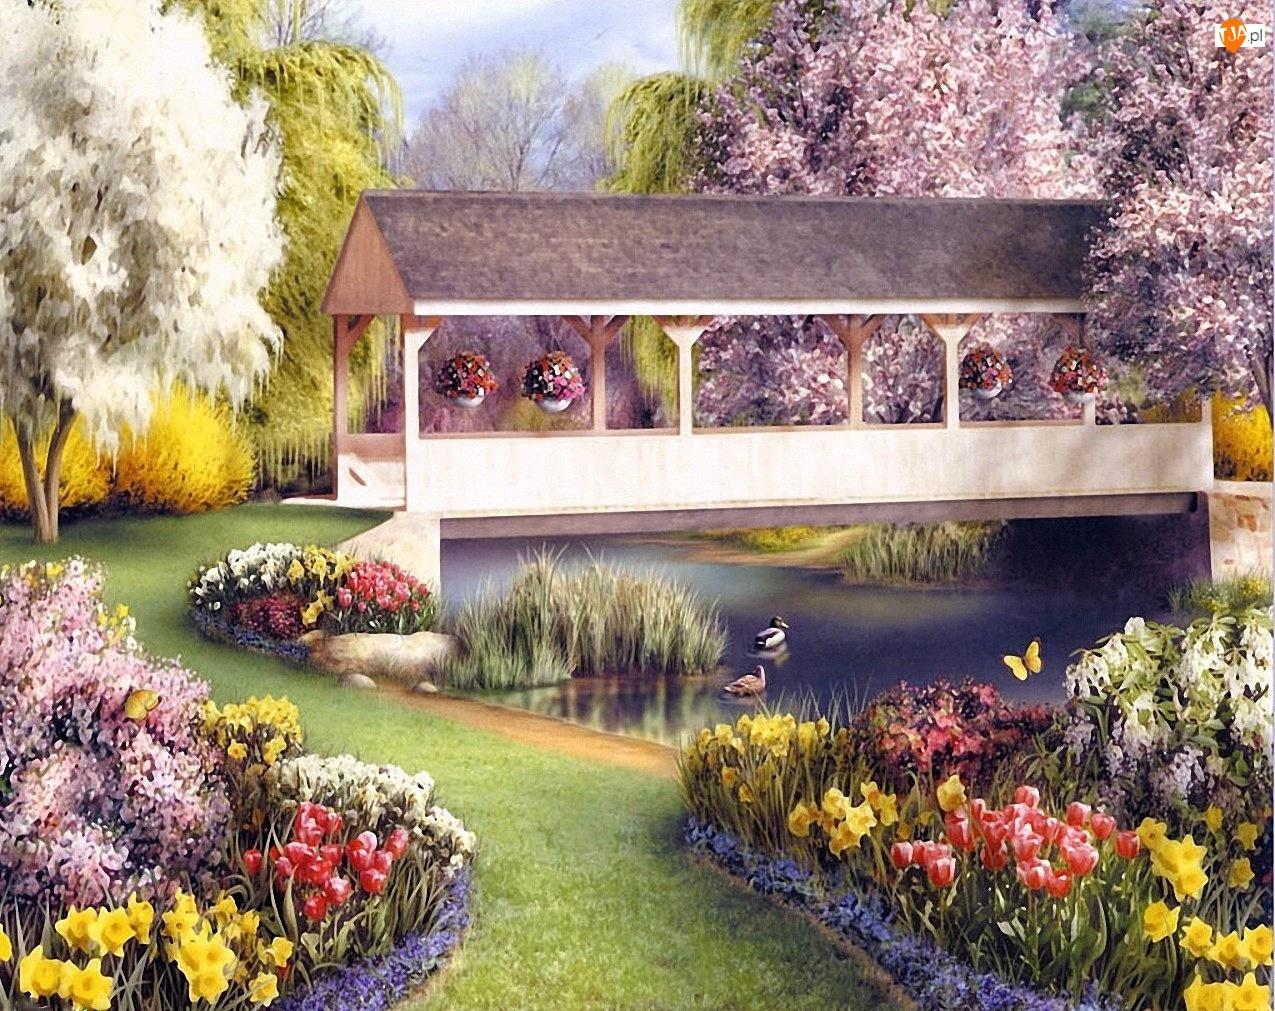 Kwiaty, Ogród, Most, Kryty, Rzeka